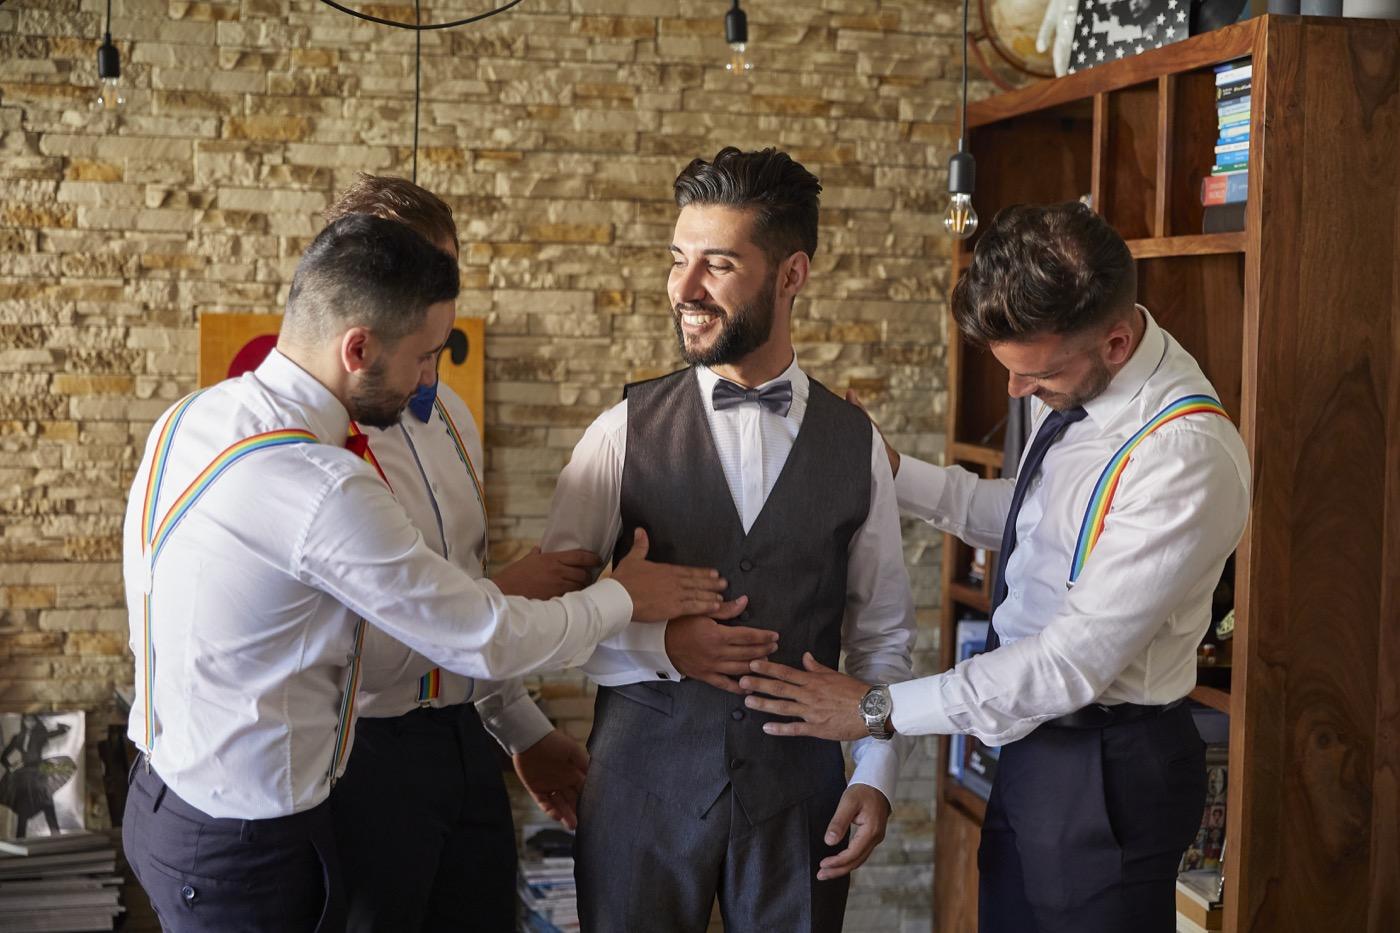 Claudio-Coppola-wedding-photographer-villa-del-cardinale-rocca-di-papa-castel-gandolfo-12